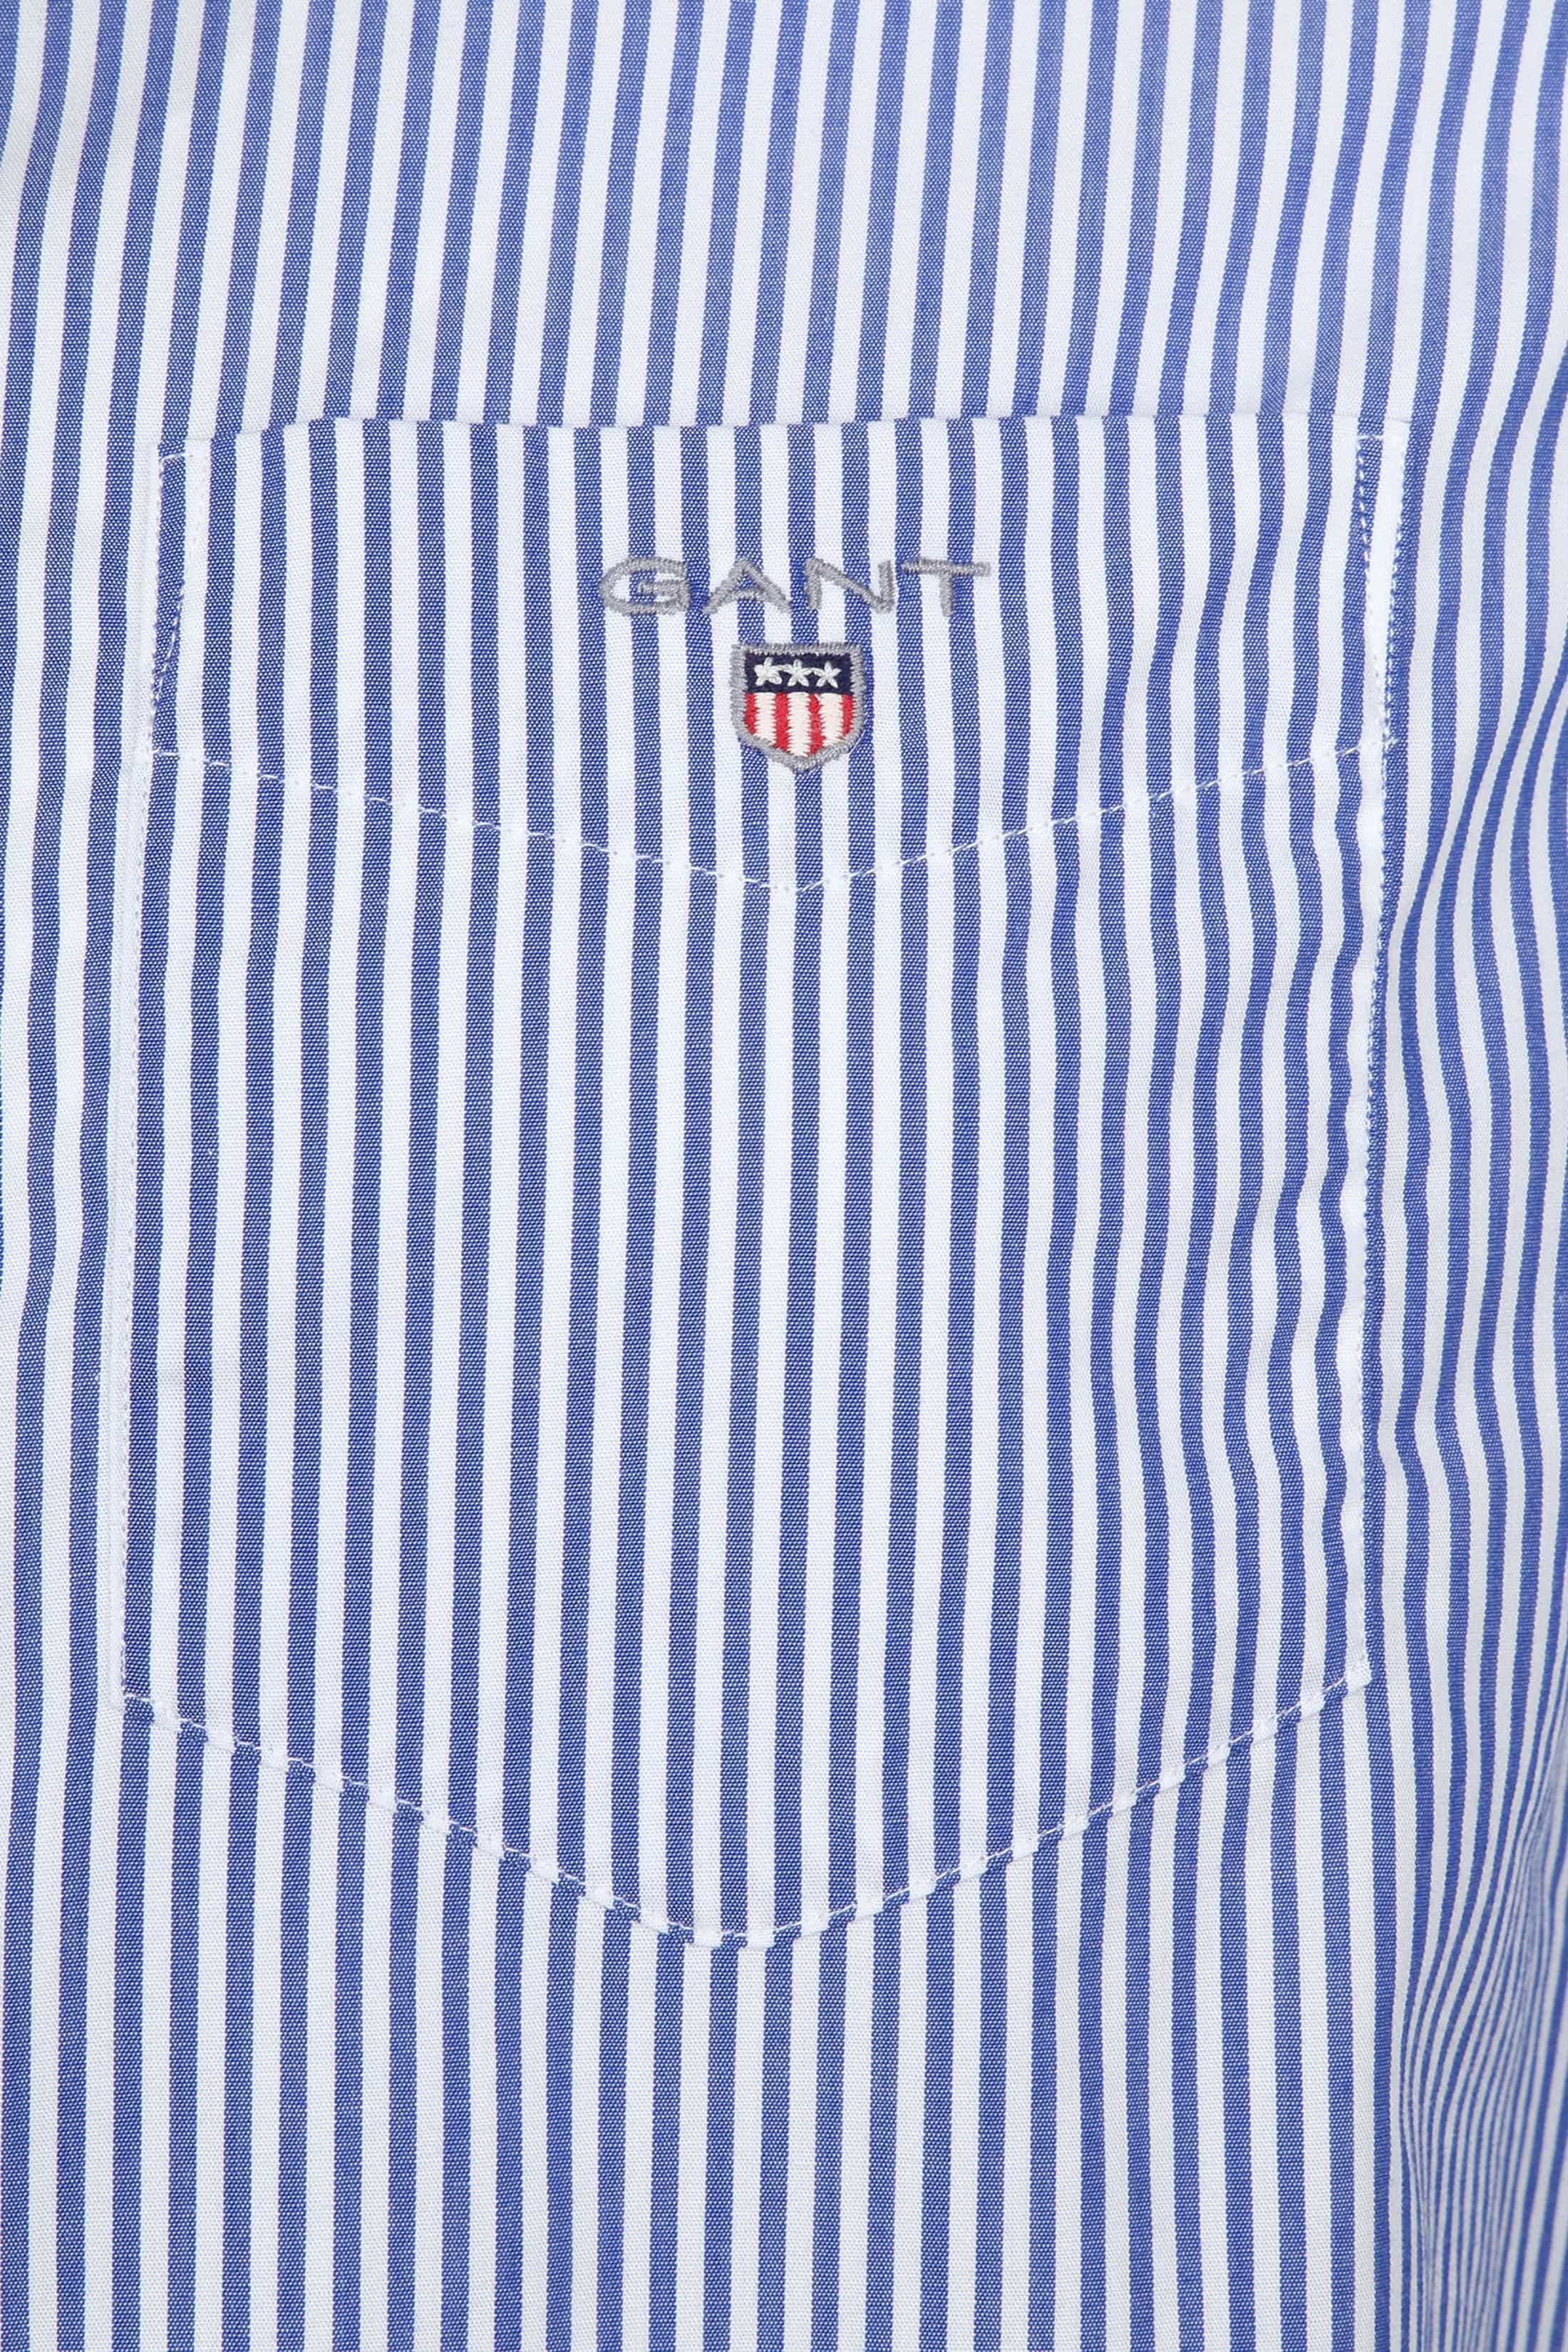 Gant Casual Overhemd Strepen Blauw foto 1